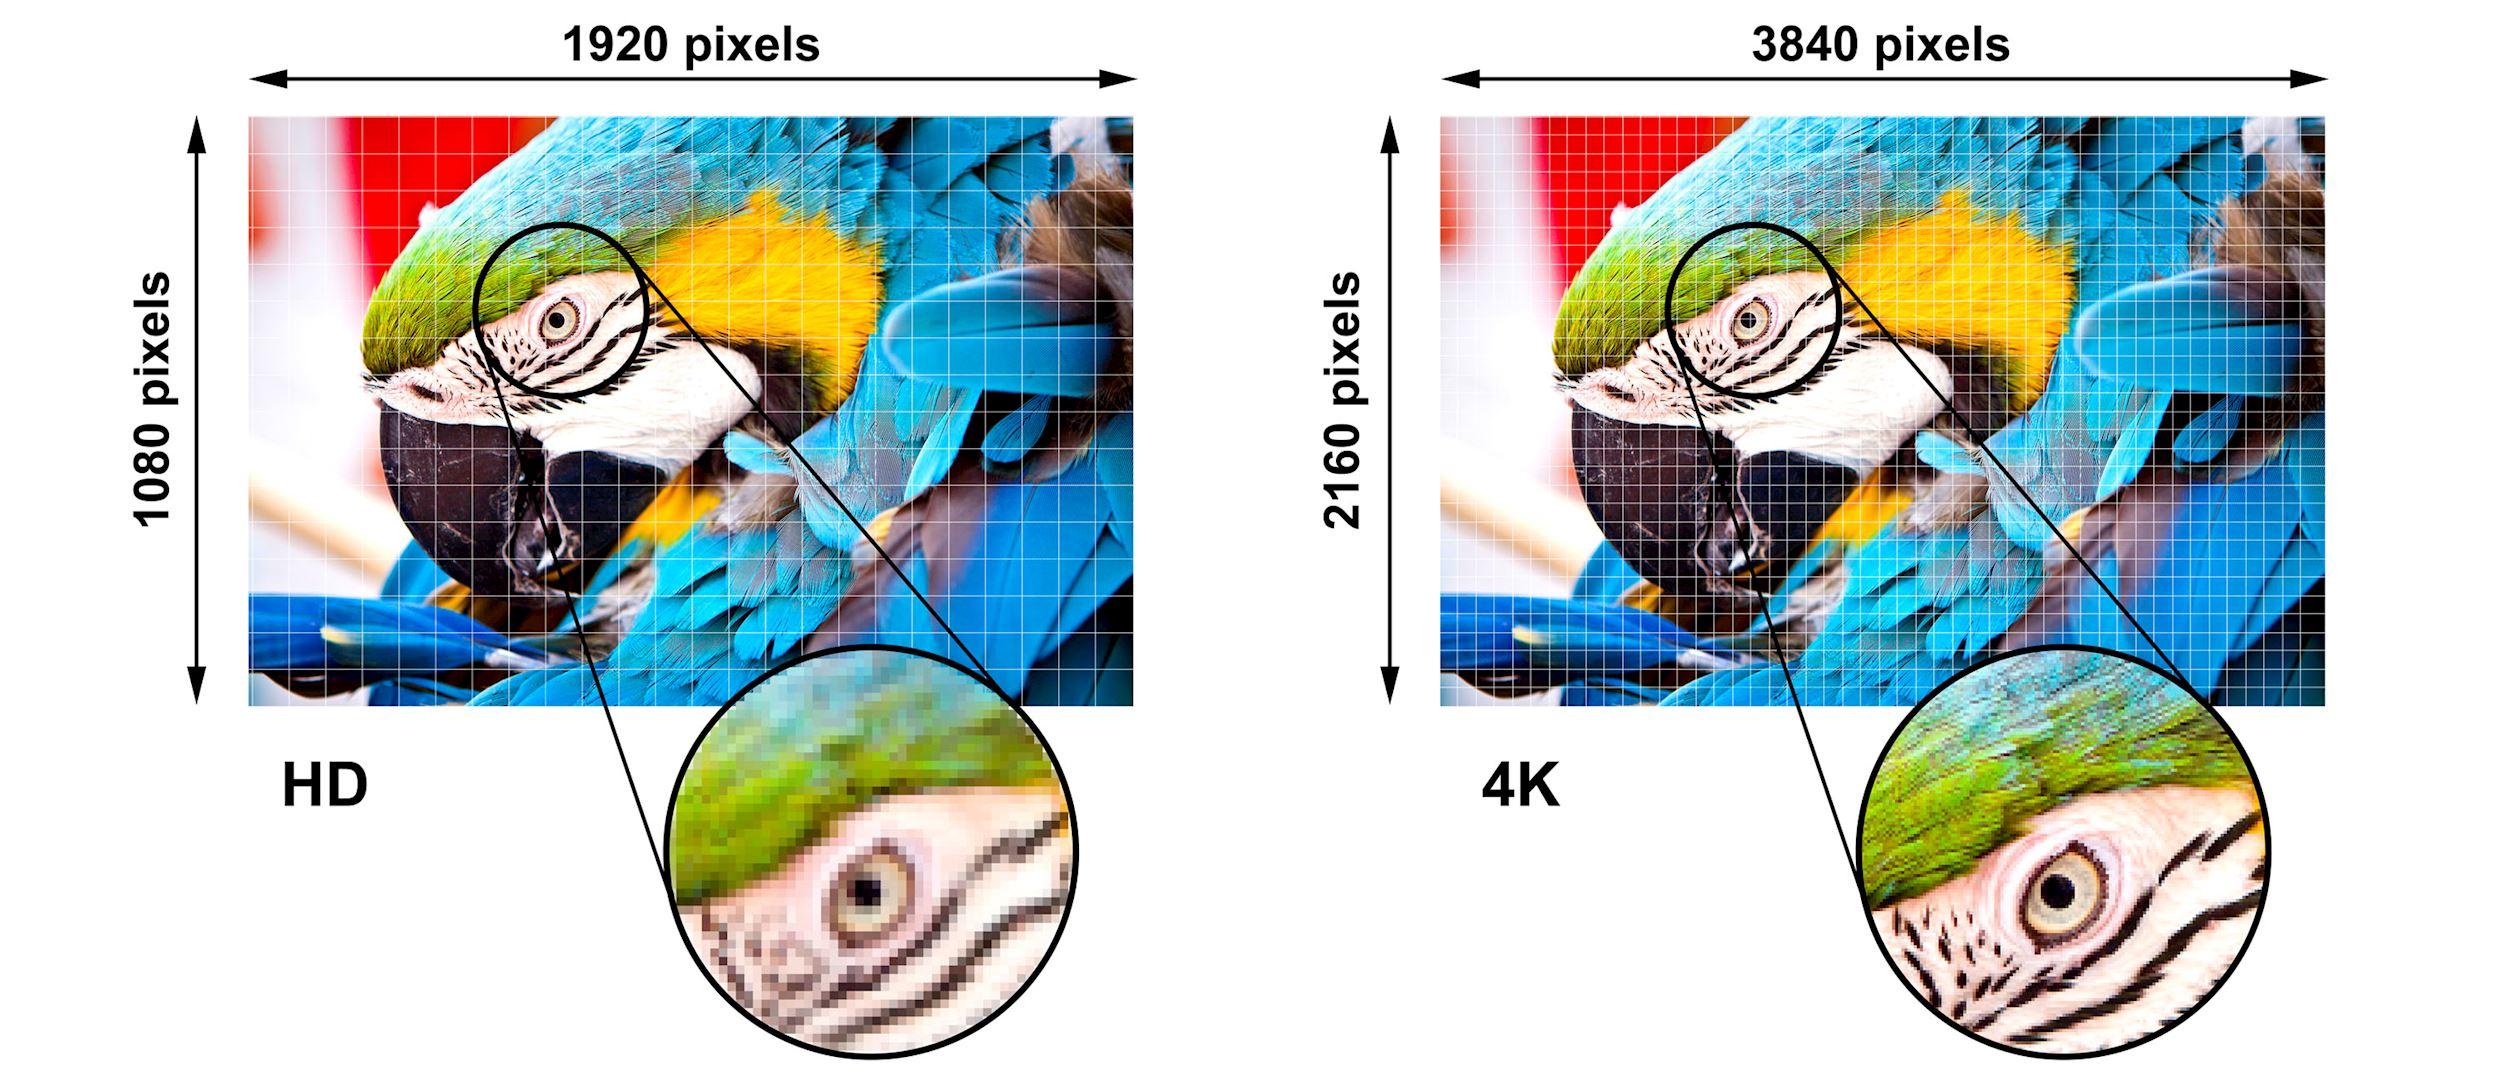 Resolución Ultra HD 4K